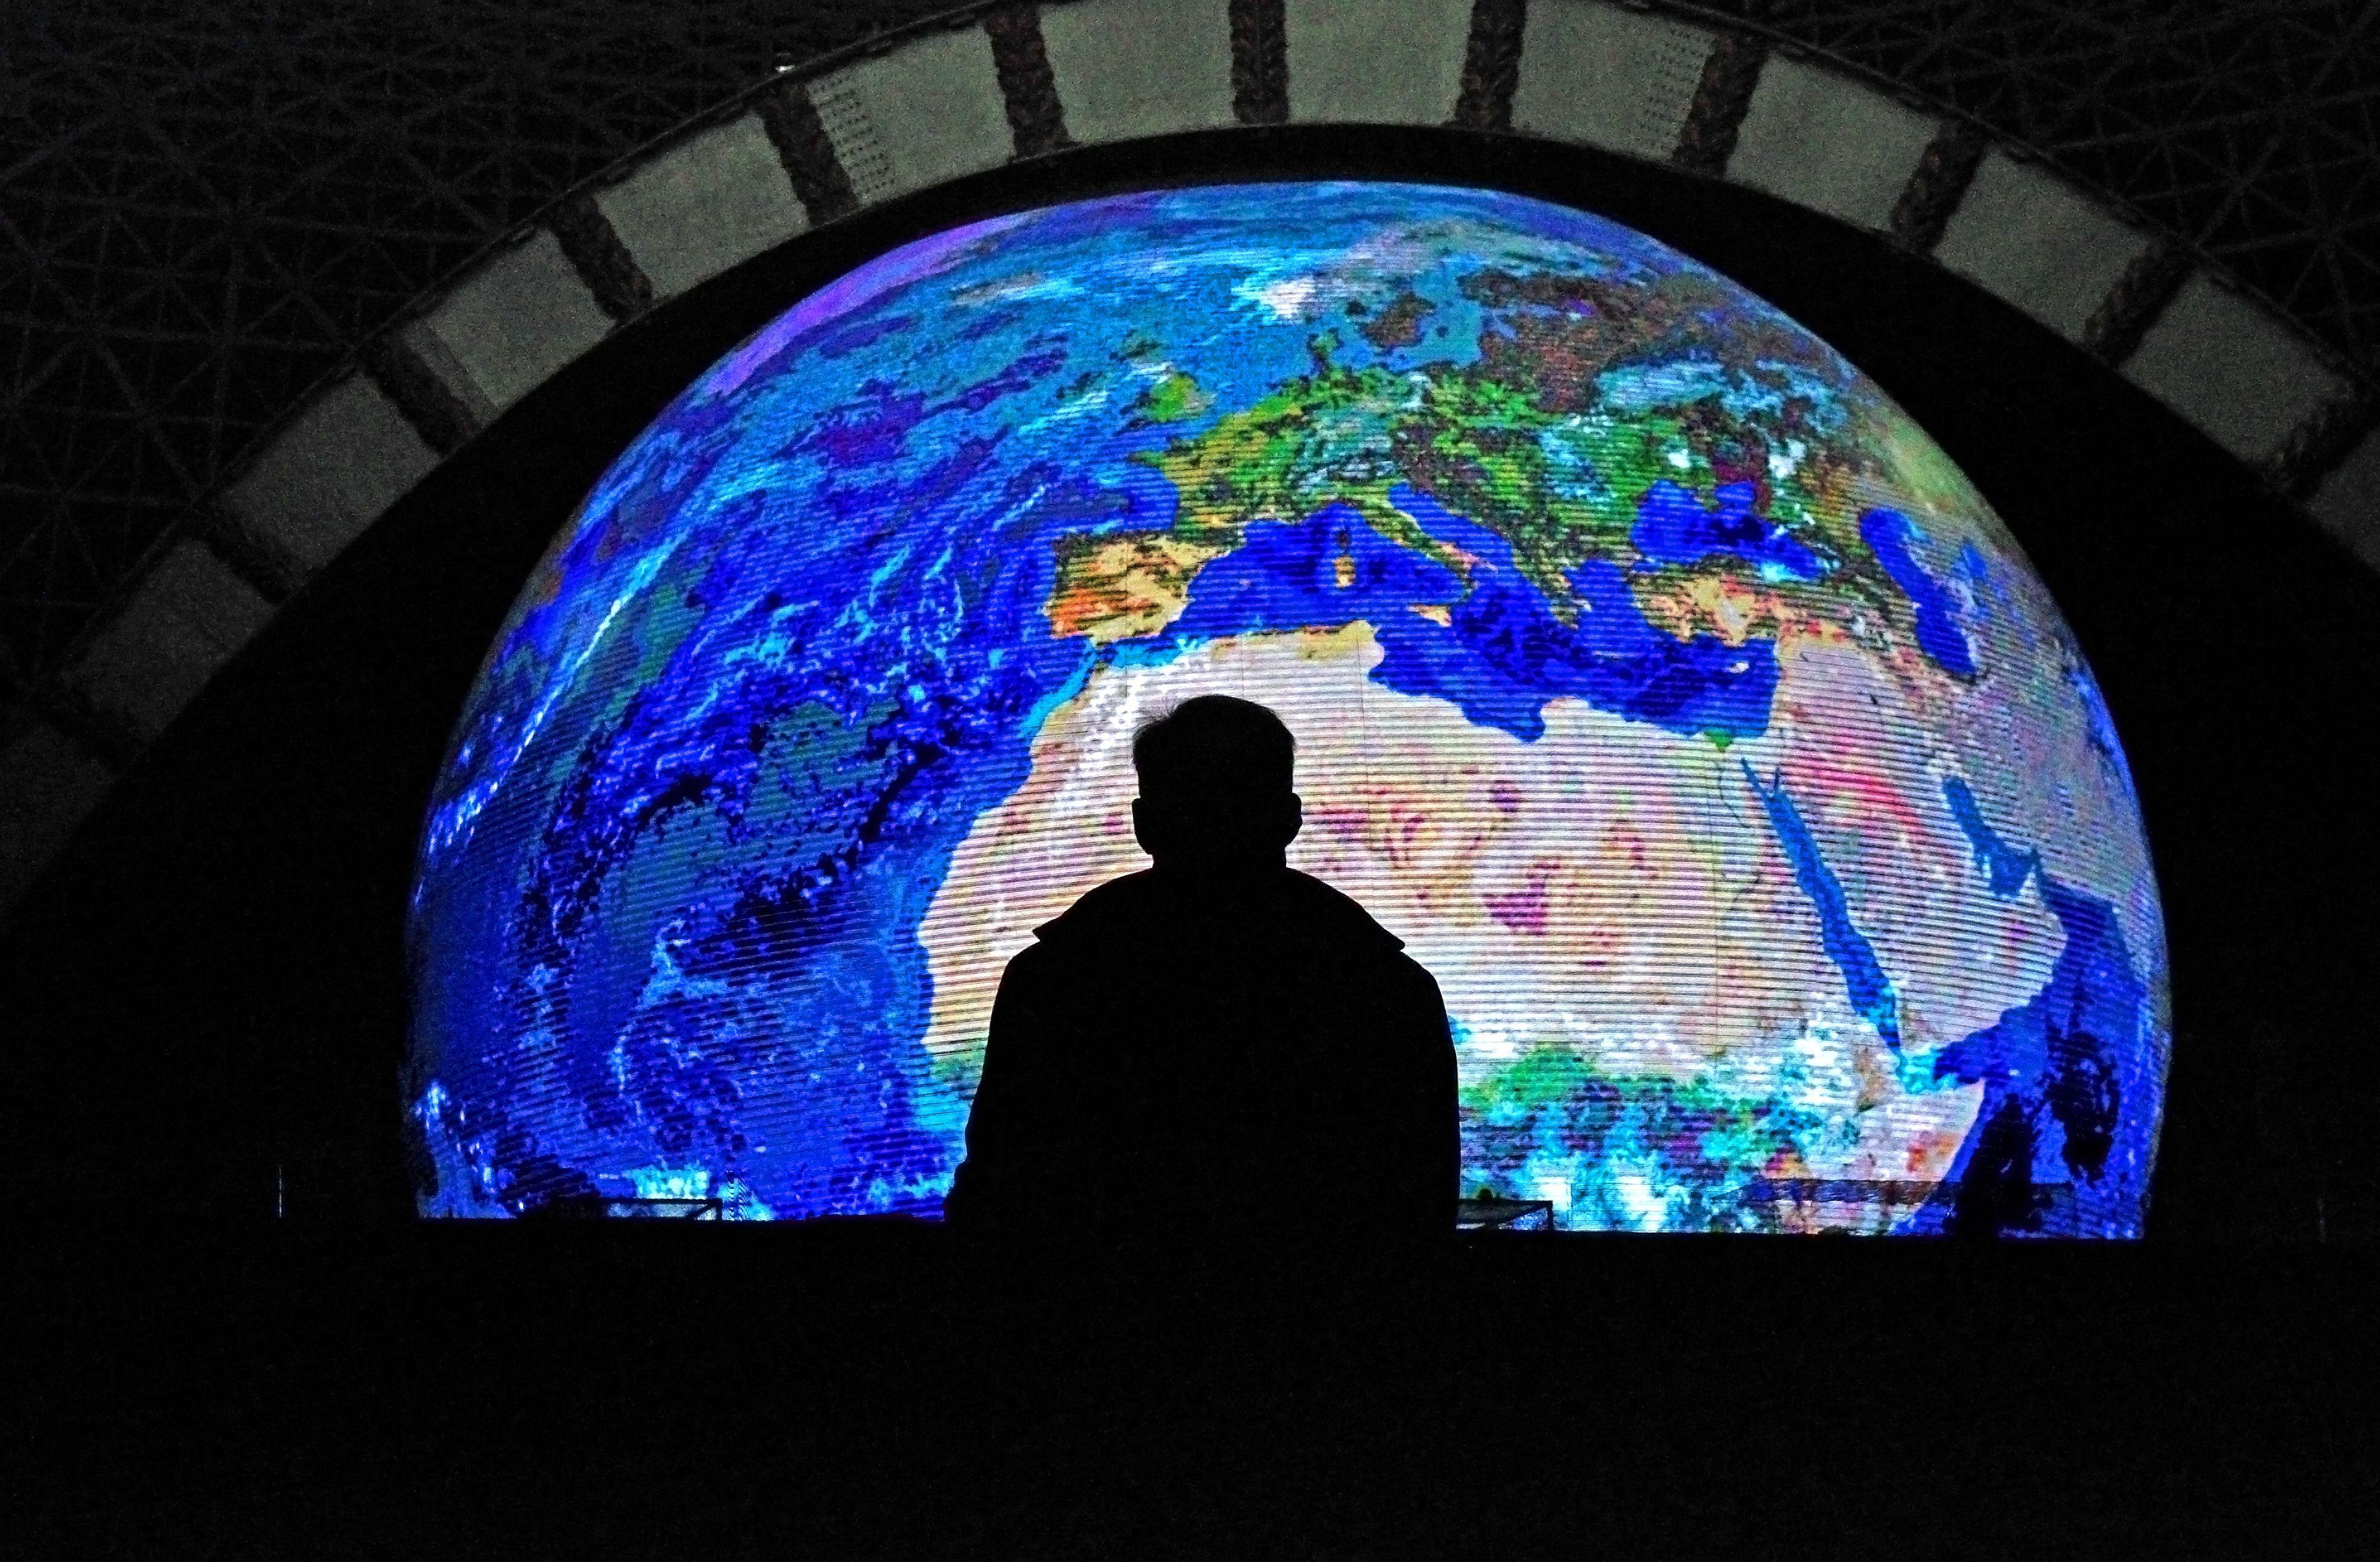 Санкт-петербургский планетарий — википедия. что такое санкт-петербургский планетарий